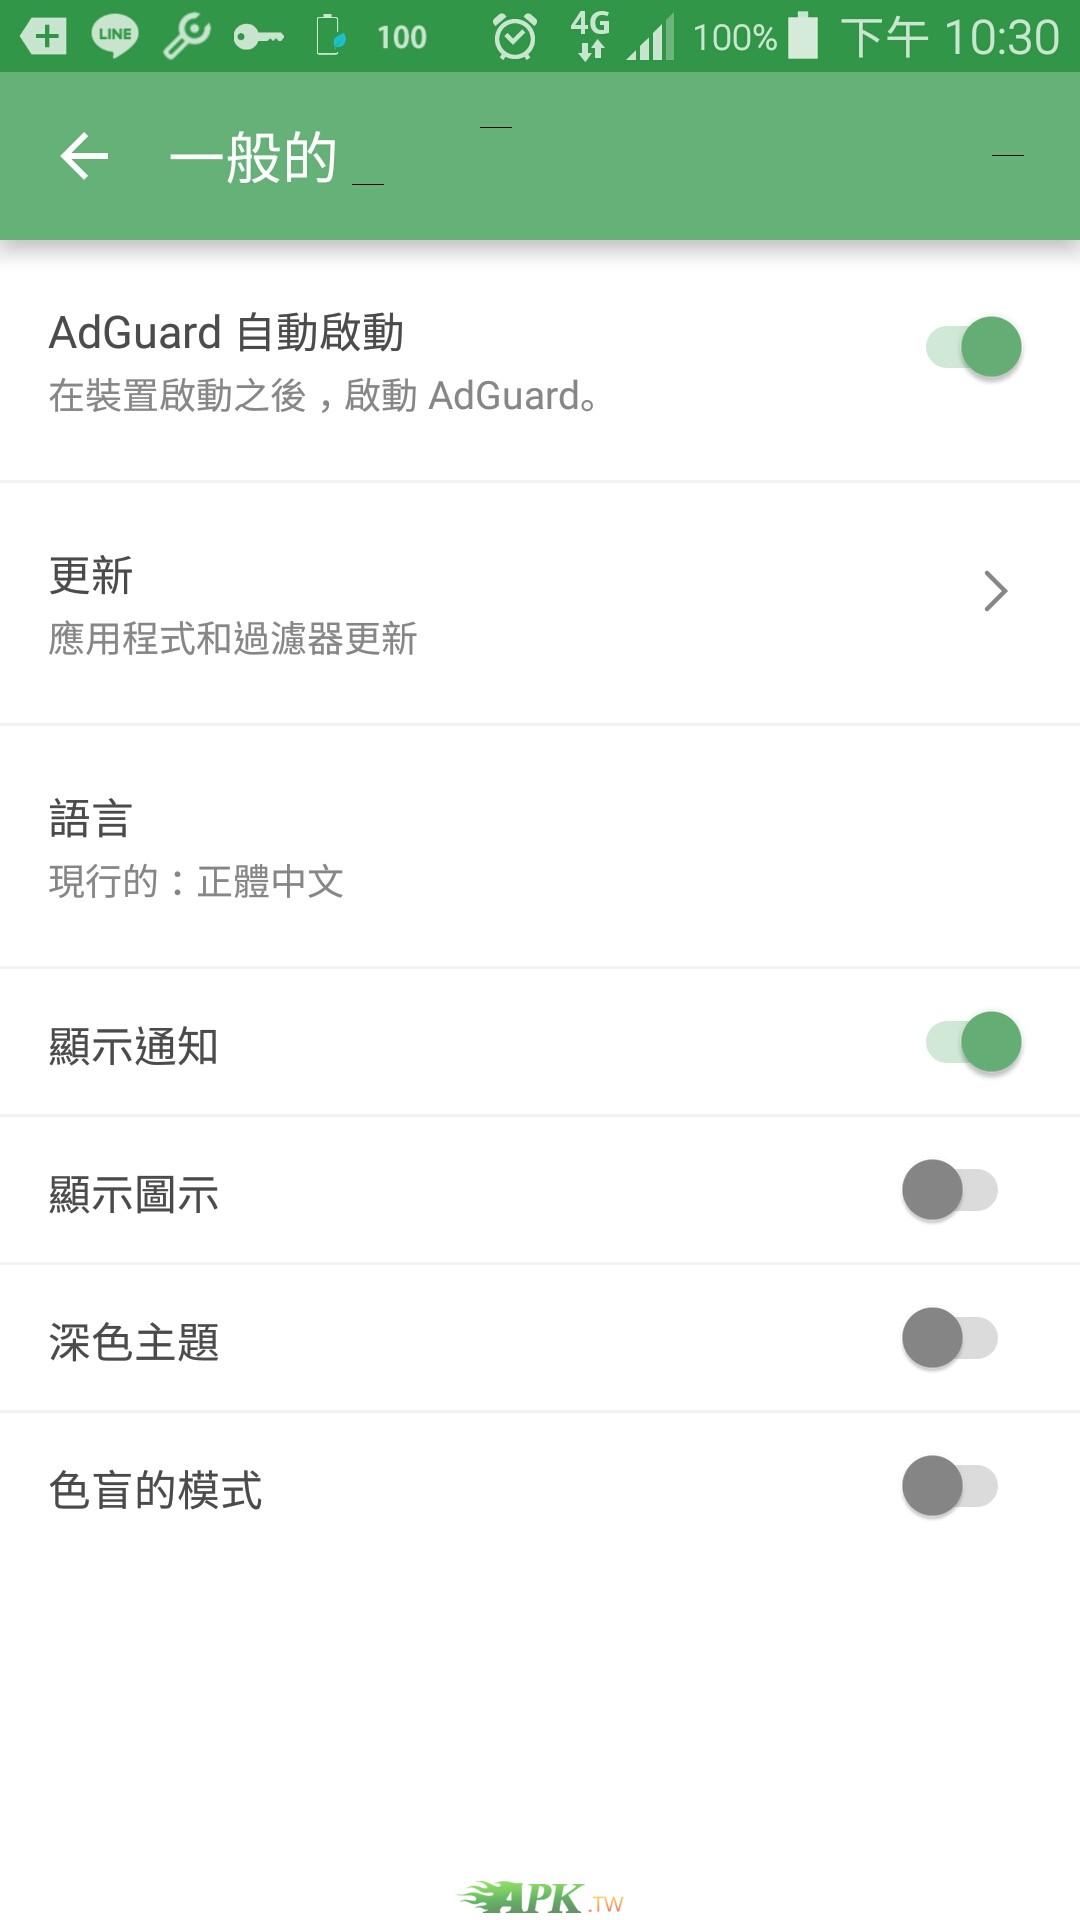 screenshot_20190619_223053.jpg